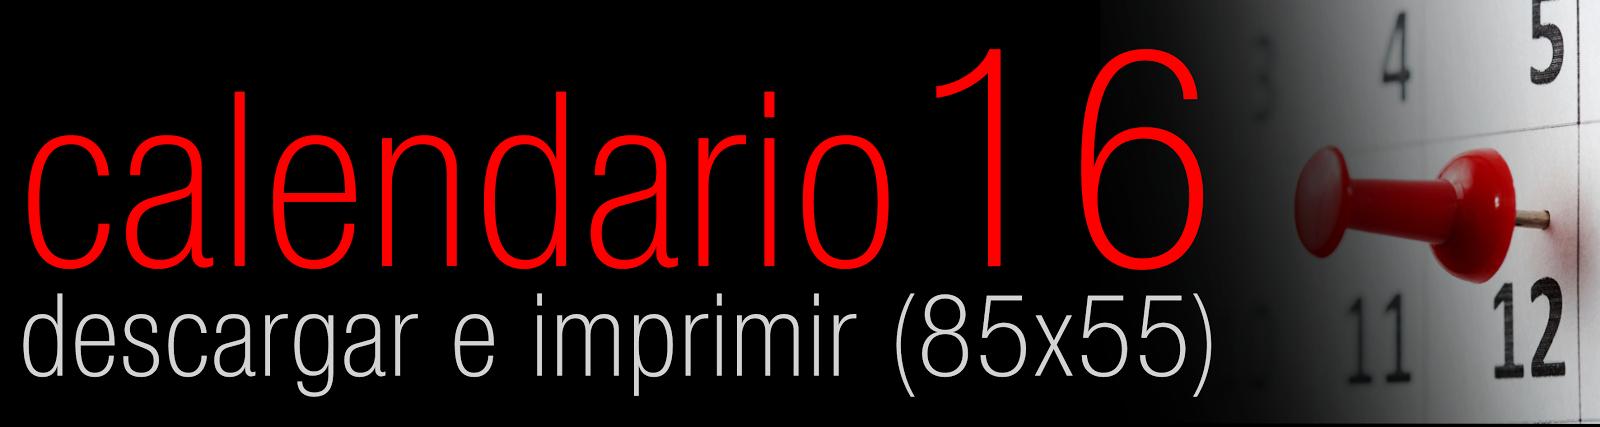 <strong>CALENDARIO 2016 (85X55)</strong>